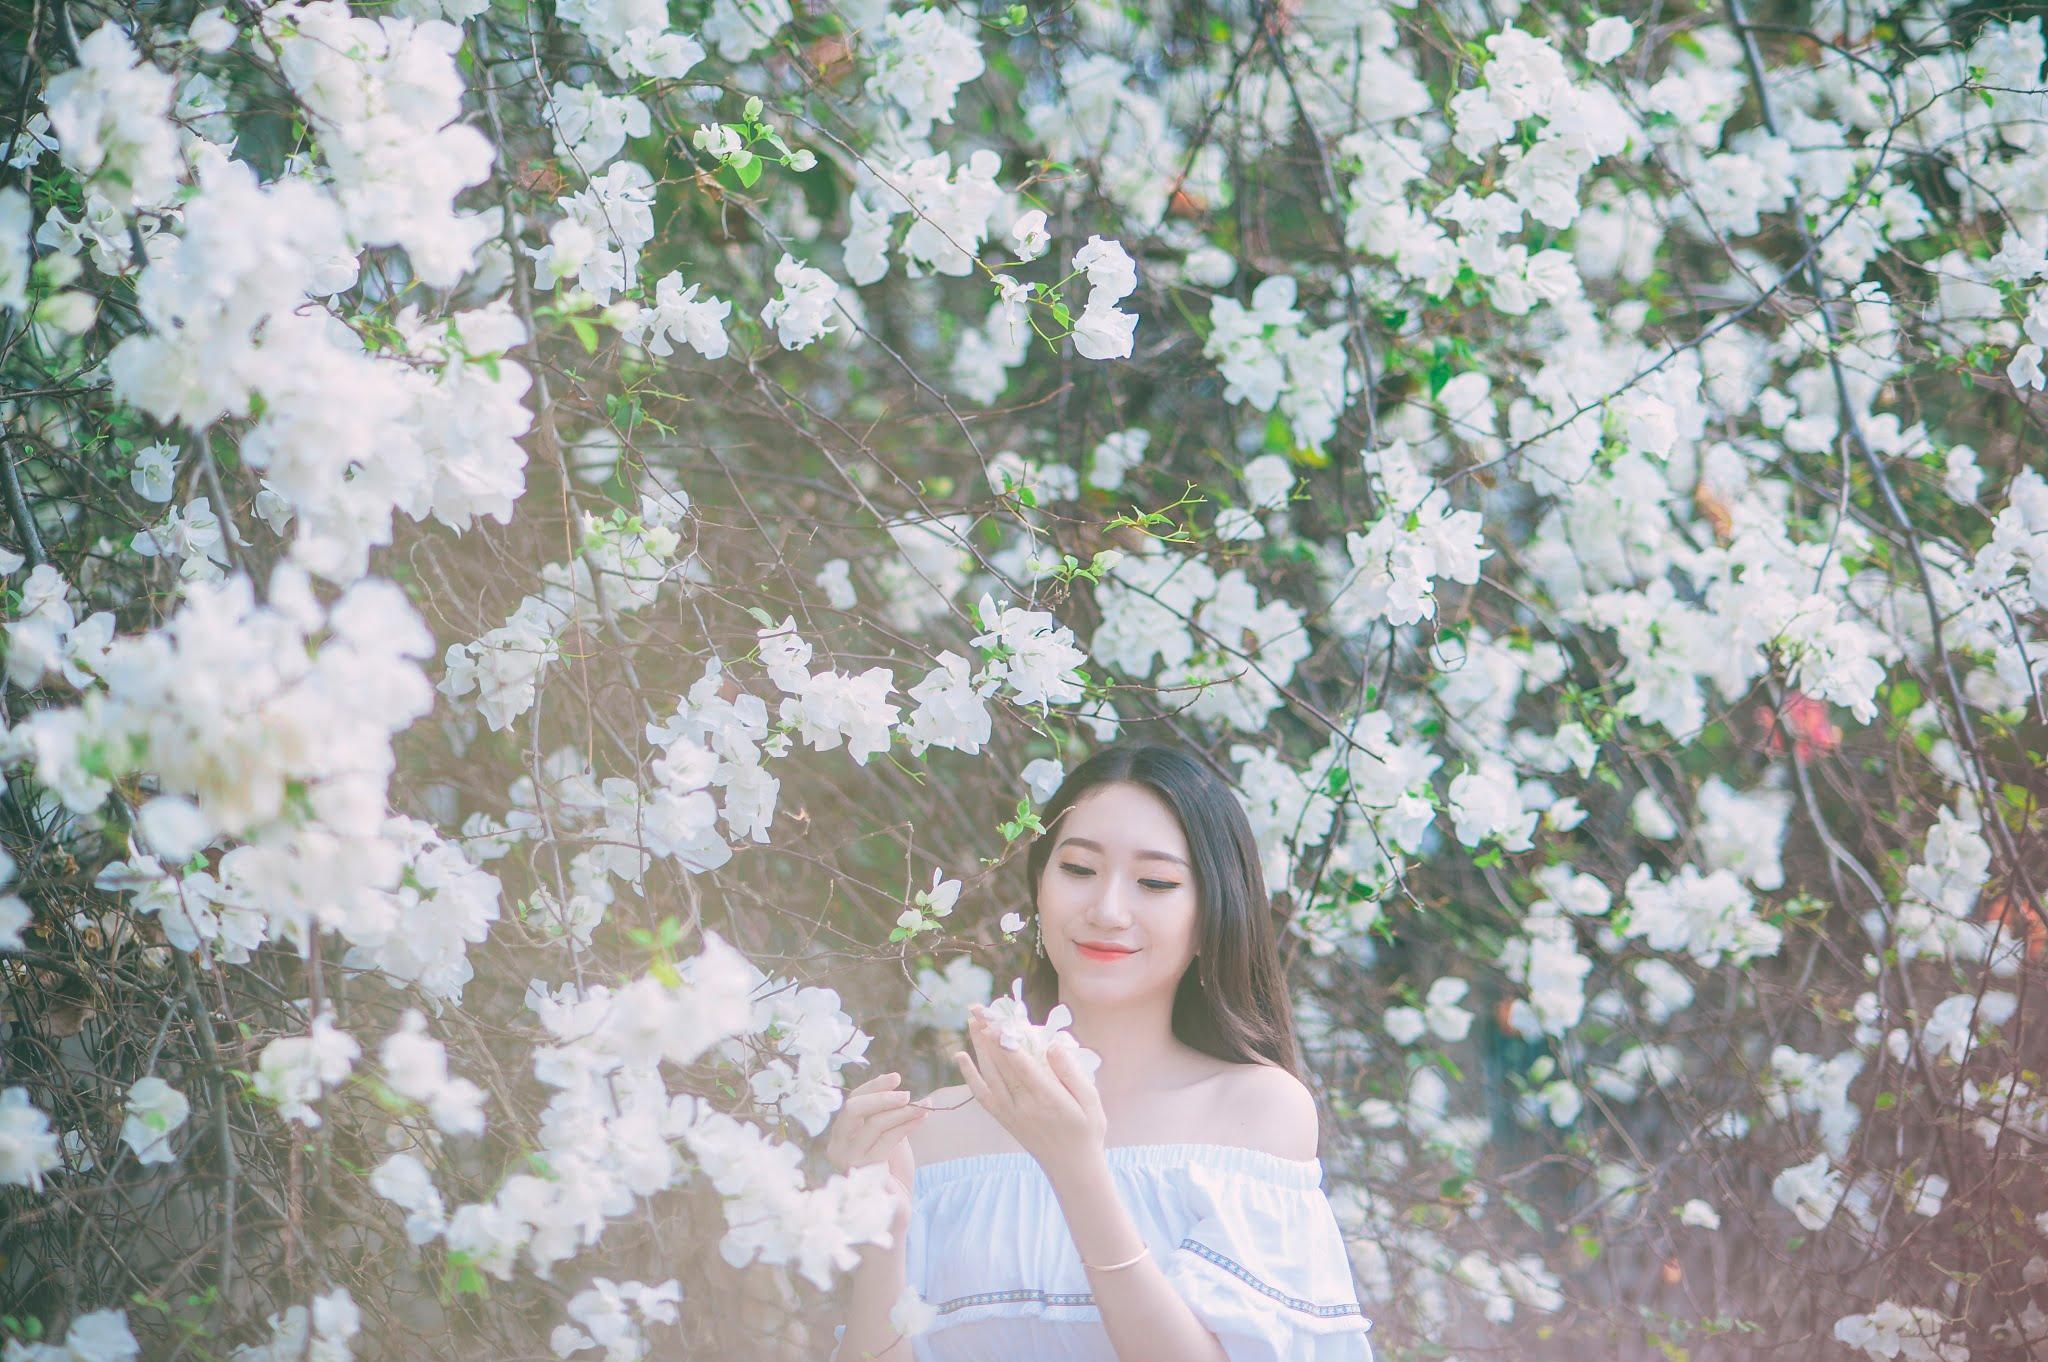 anh chup hoa giay 5 - Ảnh chụp với hoa giấy quận 2 - Huỳnh Như